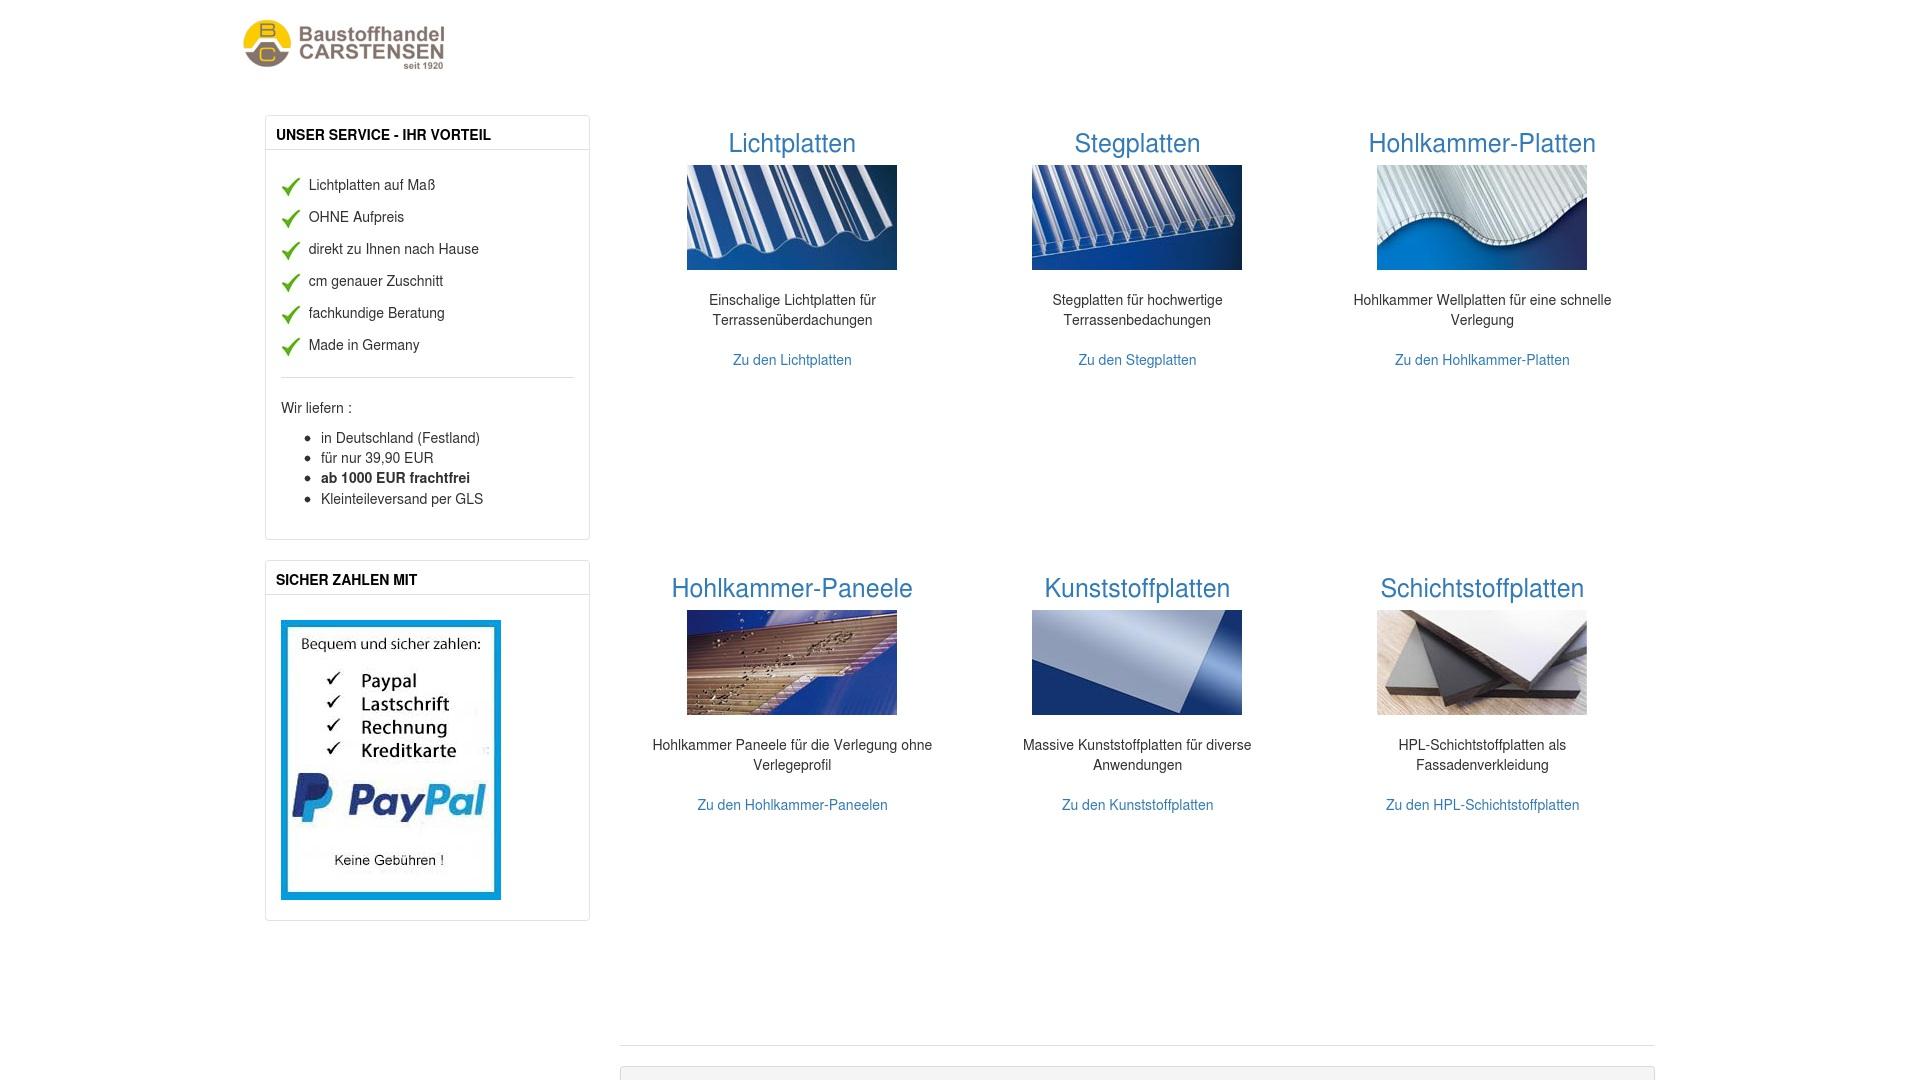 Gutschein für Lichtplatte-onlineshop: Rabatte für  Lichtplatte-onlineshop sichern